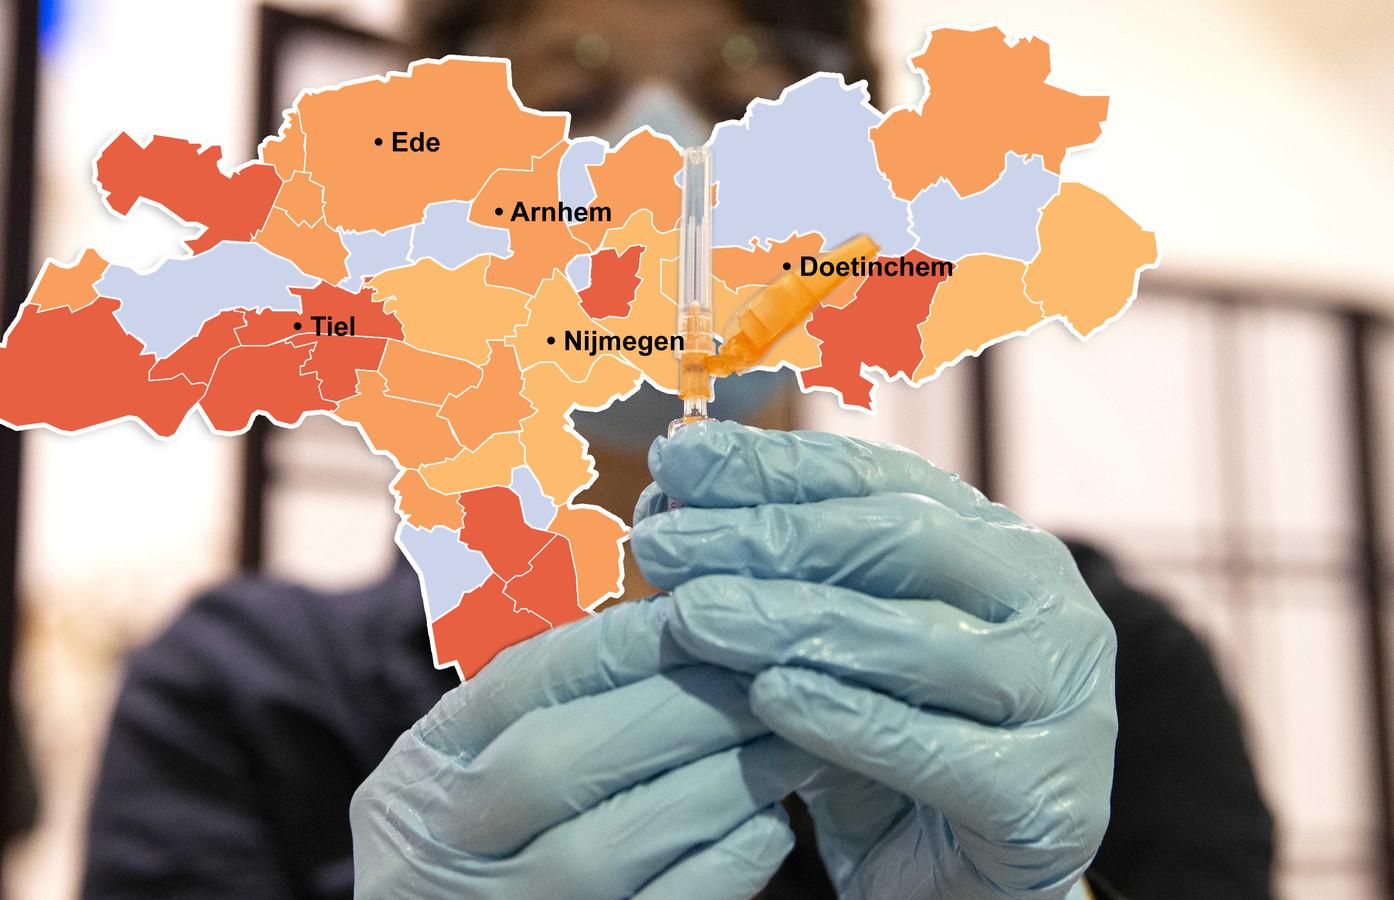 Coronakaart De Gelderlander, 12 februari 2021. Aantal besmettingen per 100 duizend inwoners.